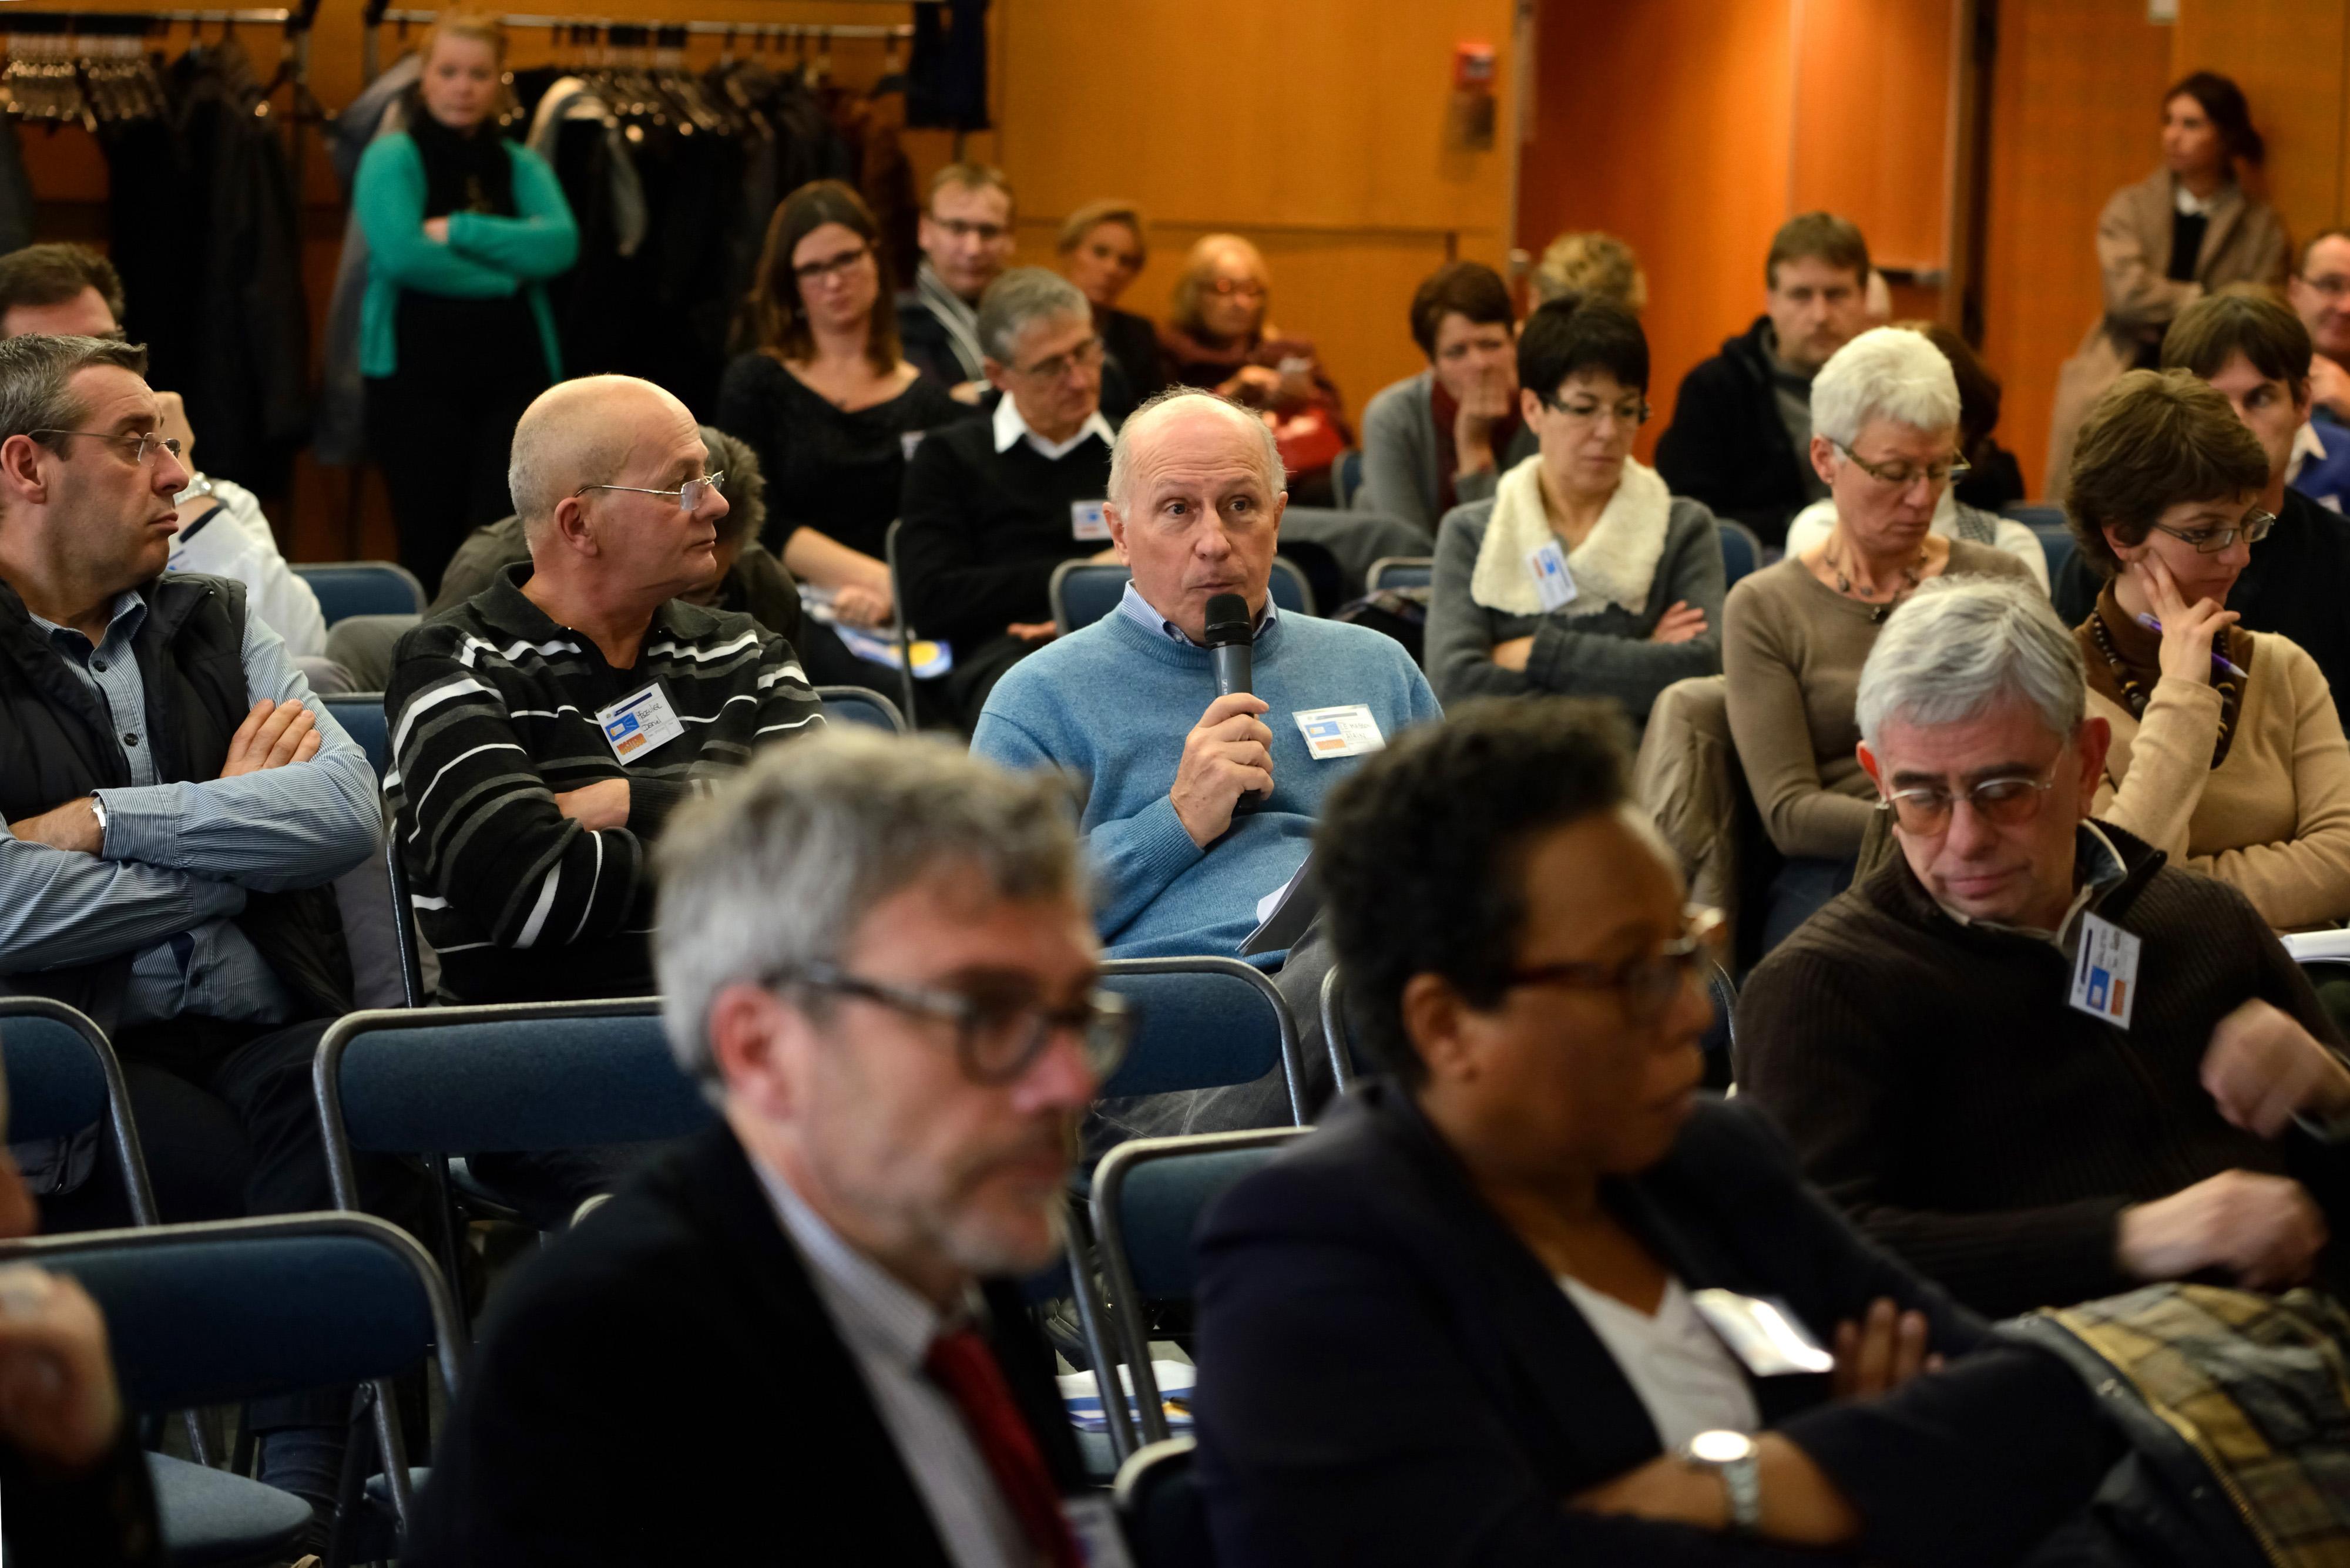 Journée inaugurale de l'Observatoire de Santé Sociale 27 novembre 2013 à Montreuil (Projet santé des électriciens et gaziers)